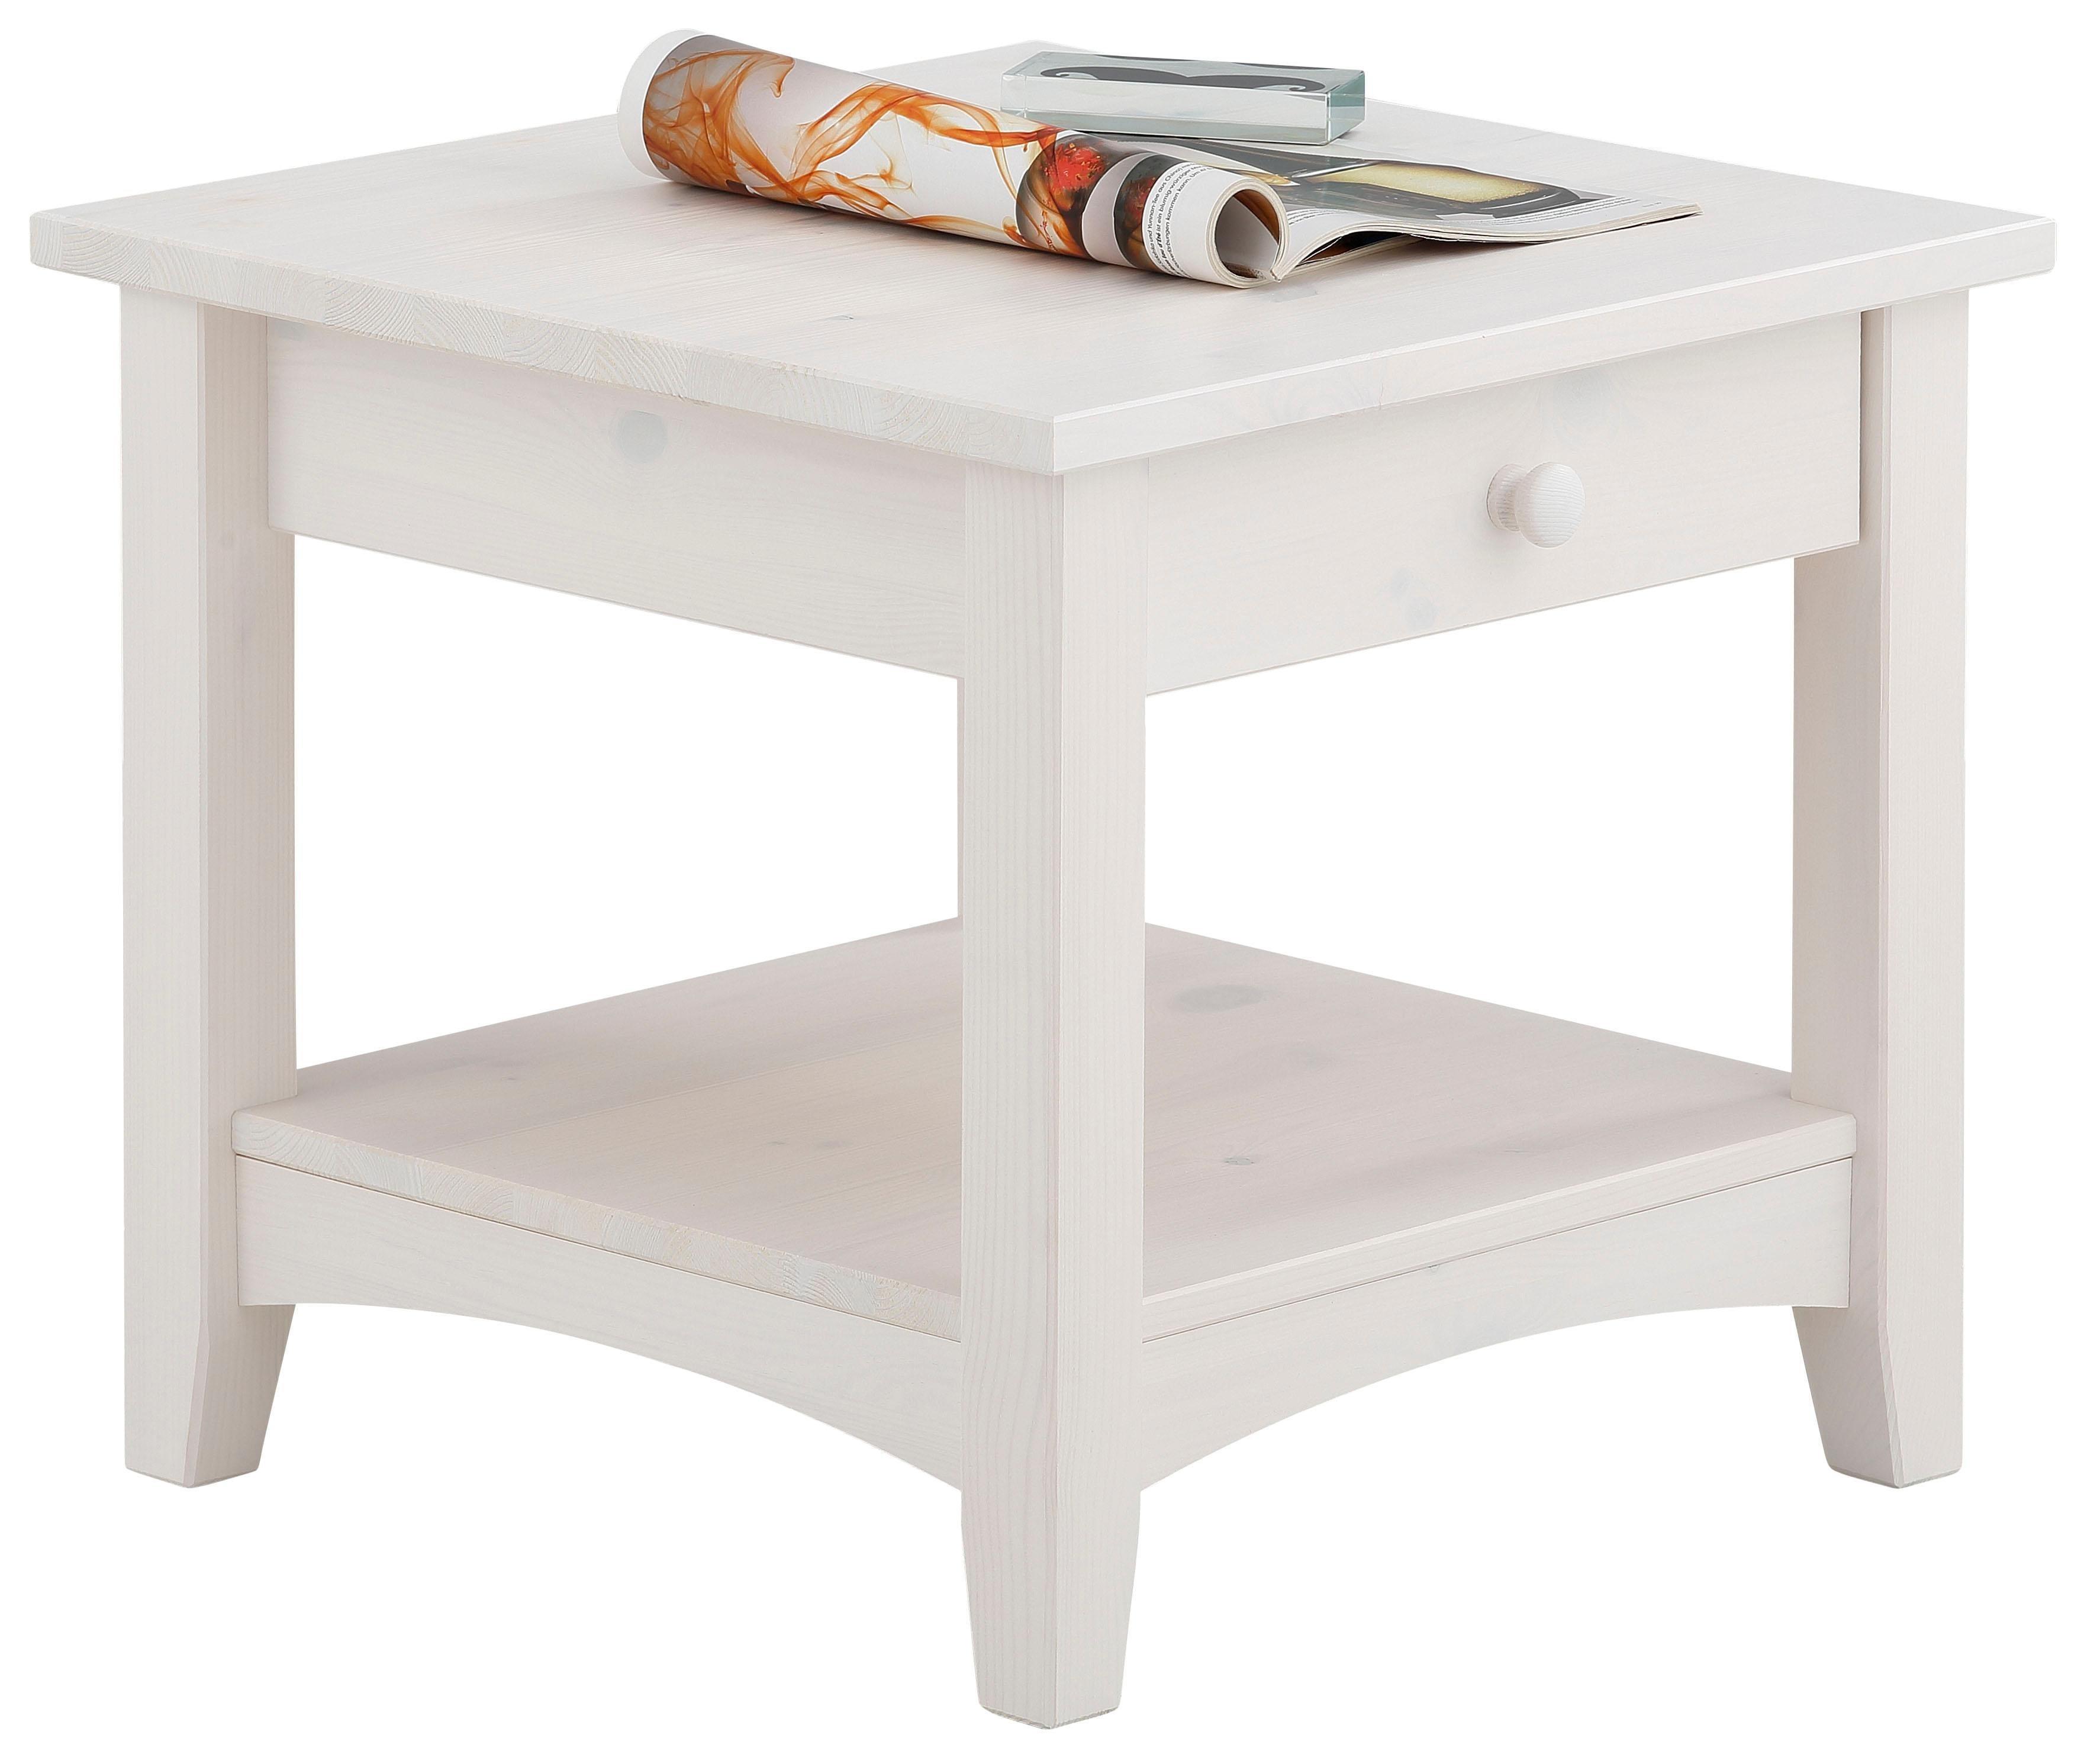 Home affaire Couchtisch »Tommy«, mit Ablegeboden und praktischen Schubladen in 3 verschiedenen Farben. | Wohnzimmer > Tische > Couchtische | Glanz | Home affaire